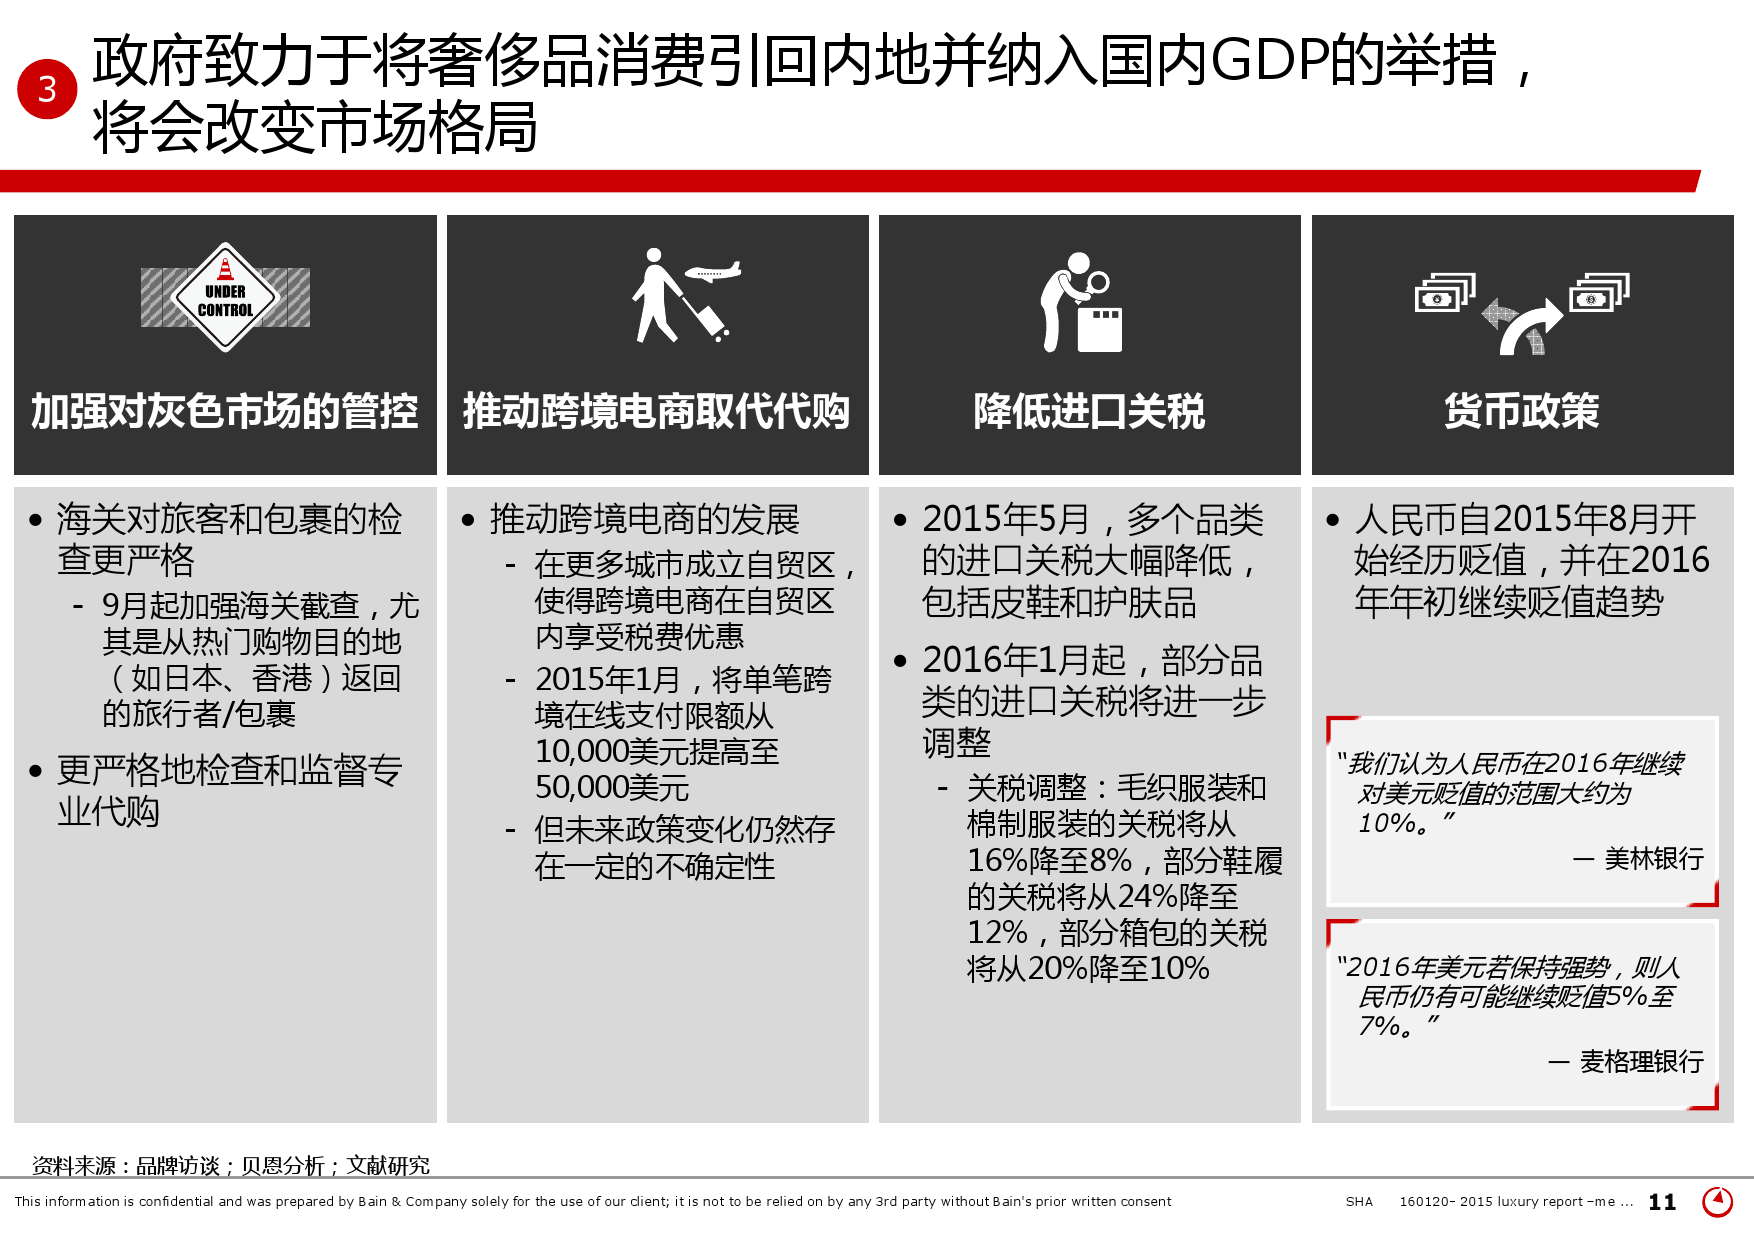 2015年中国奢侈品市场研究报告_000011